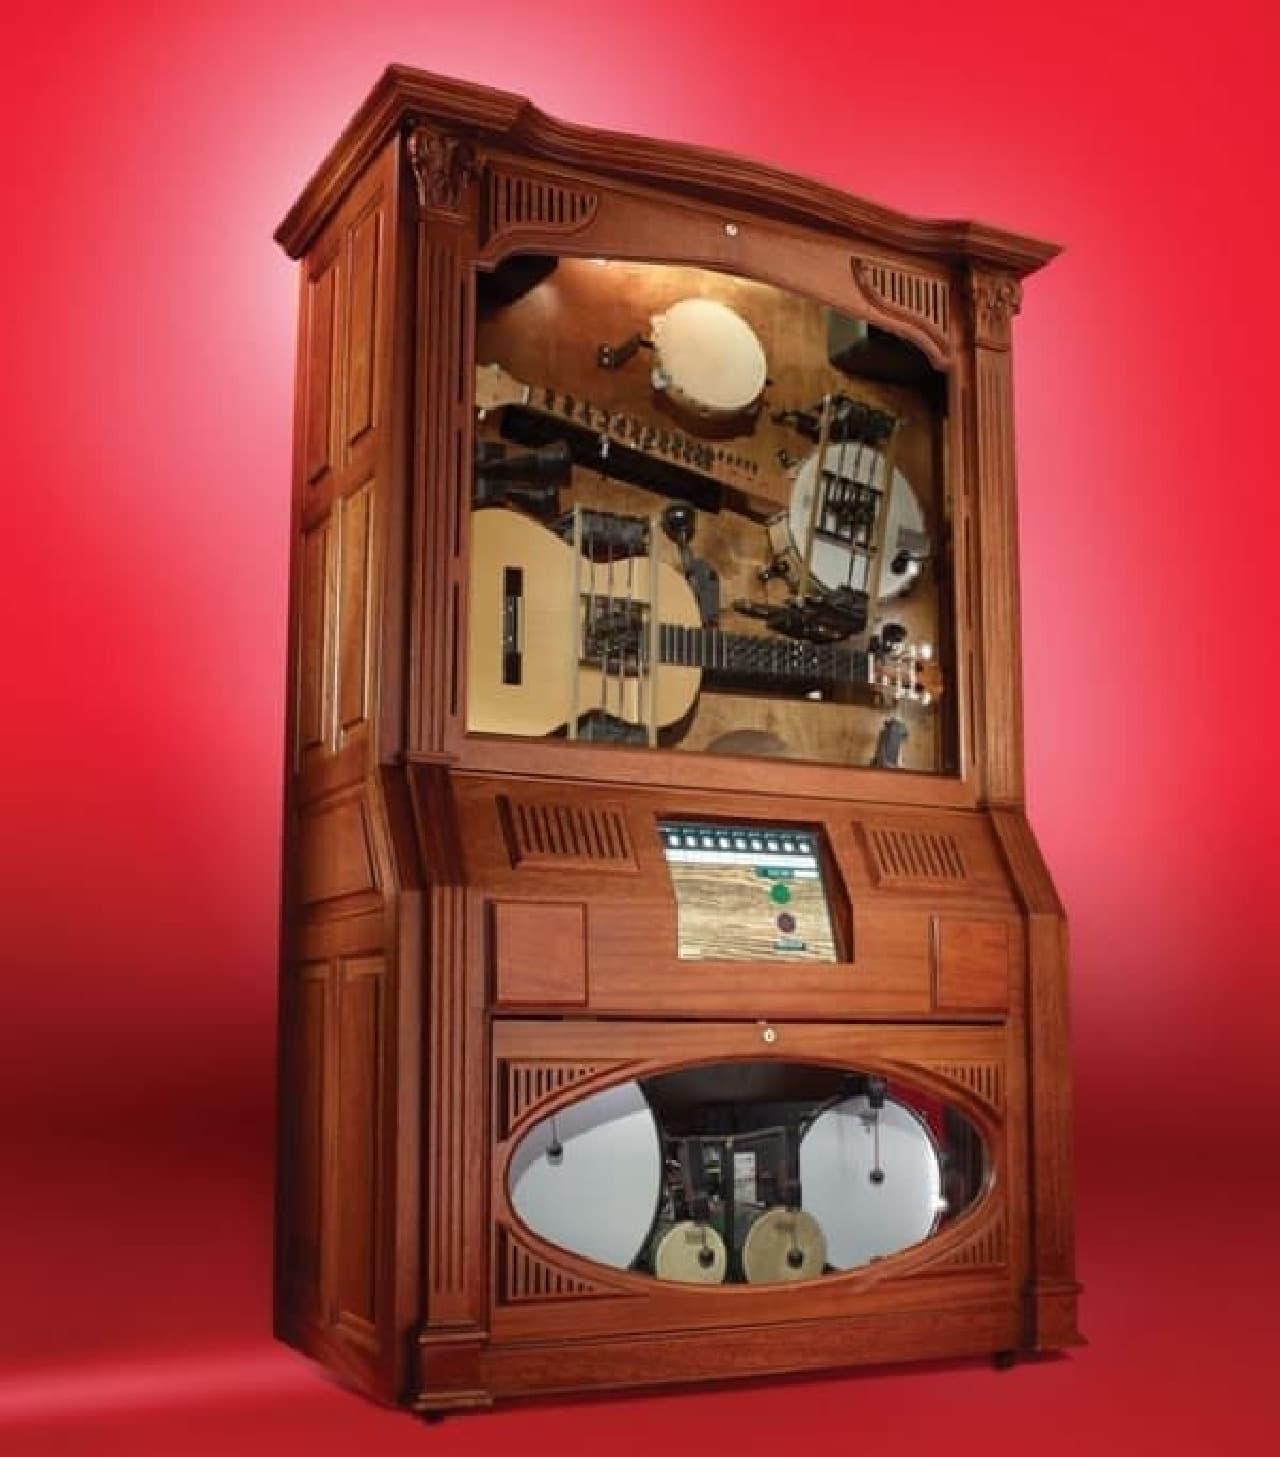 17の楽器が組み込まれた自動演奏楽器「Hootenanny」